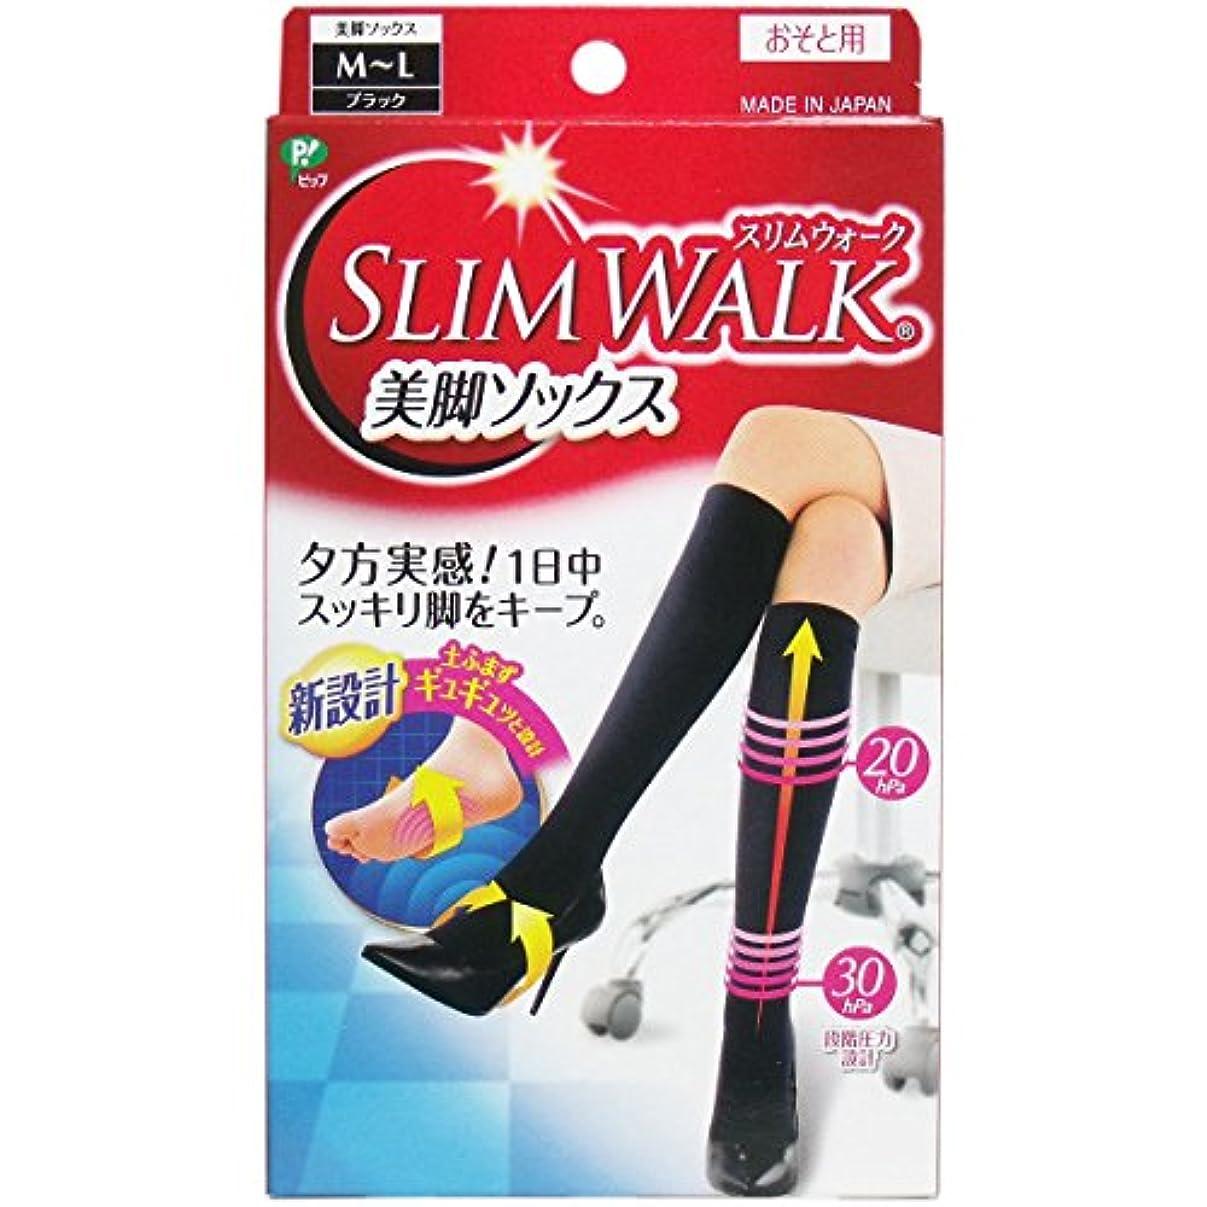 ロッカー裁判官解く【セット品】スリムウォーク 美脚ソックス M-Lサイズ ブラック(SLIM WALK,socks,ML) ×2個